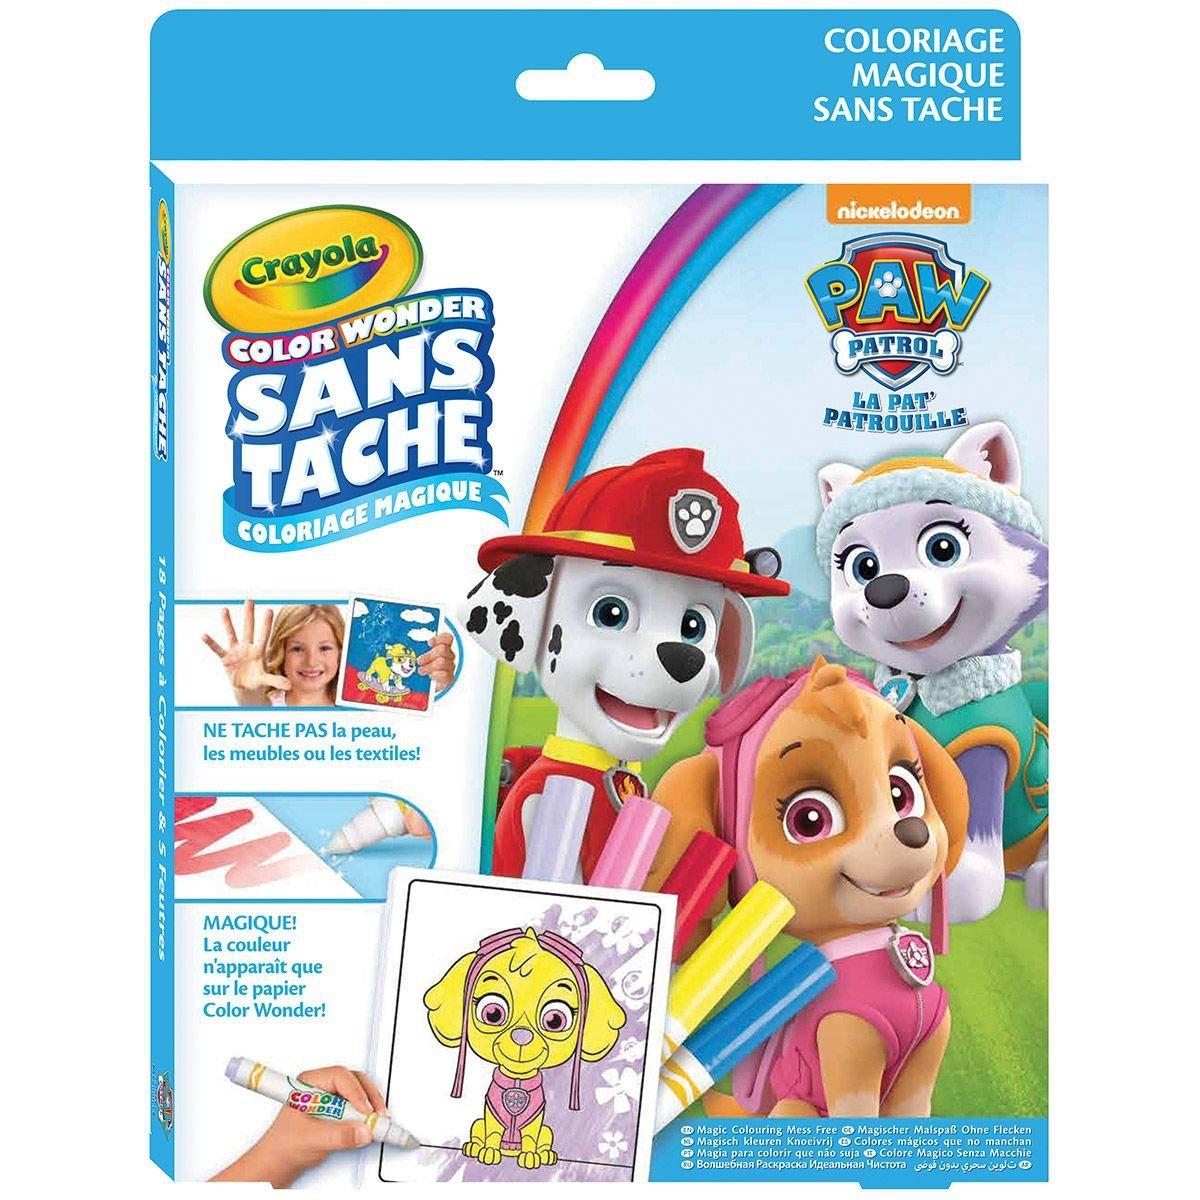 Crayola Color Wonder 5100 Kit Pat Patrouille Amazon Jeux et Jouets